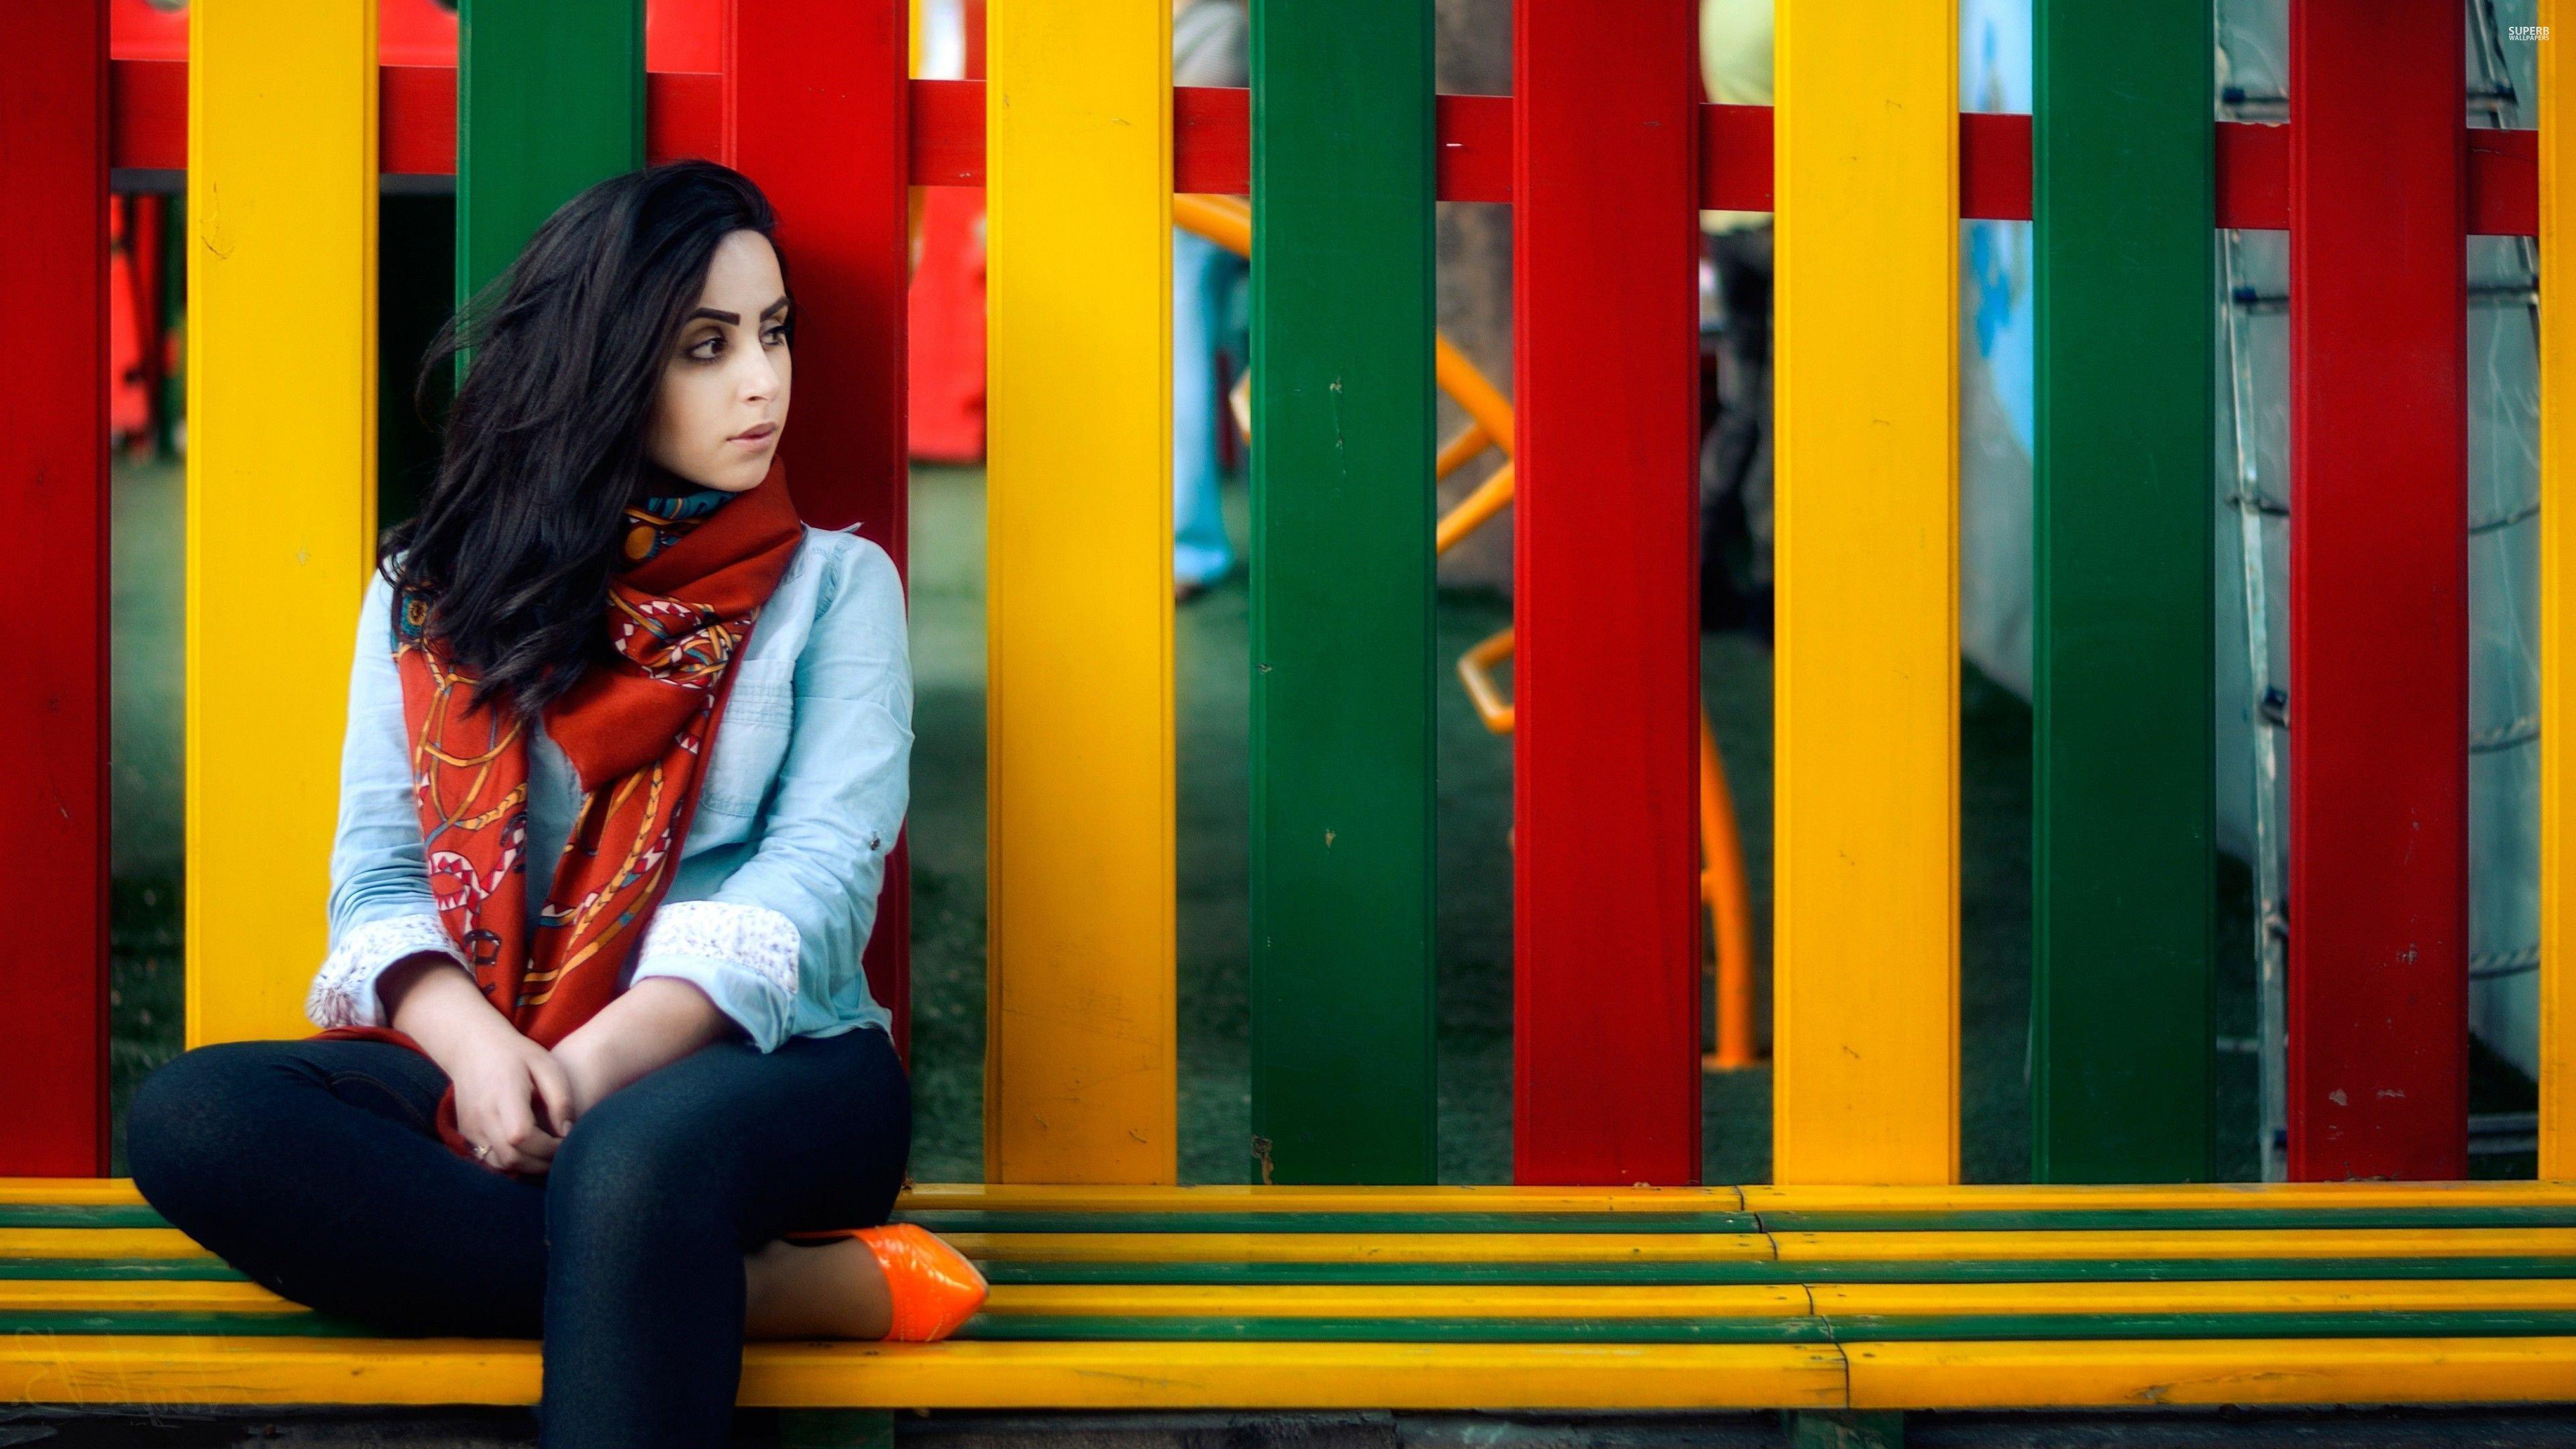 Armenia Ann Widescreen